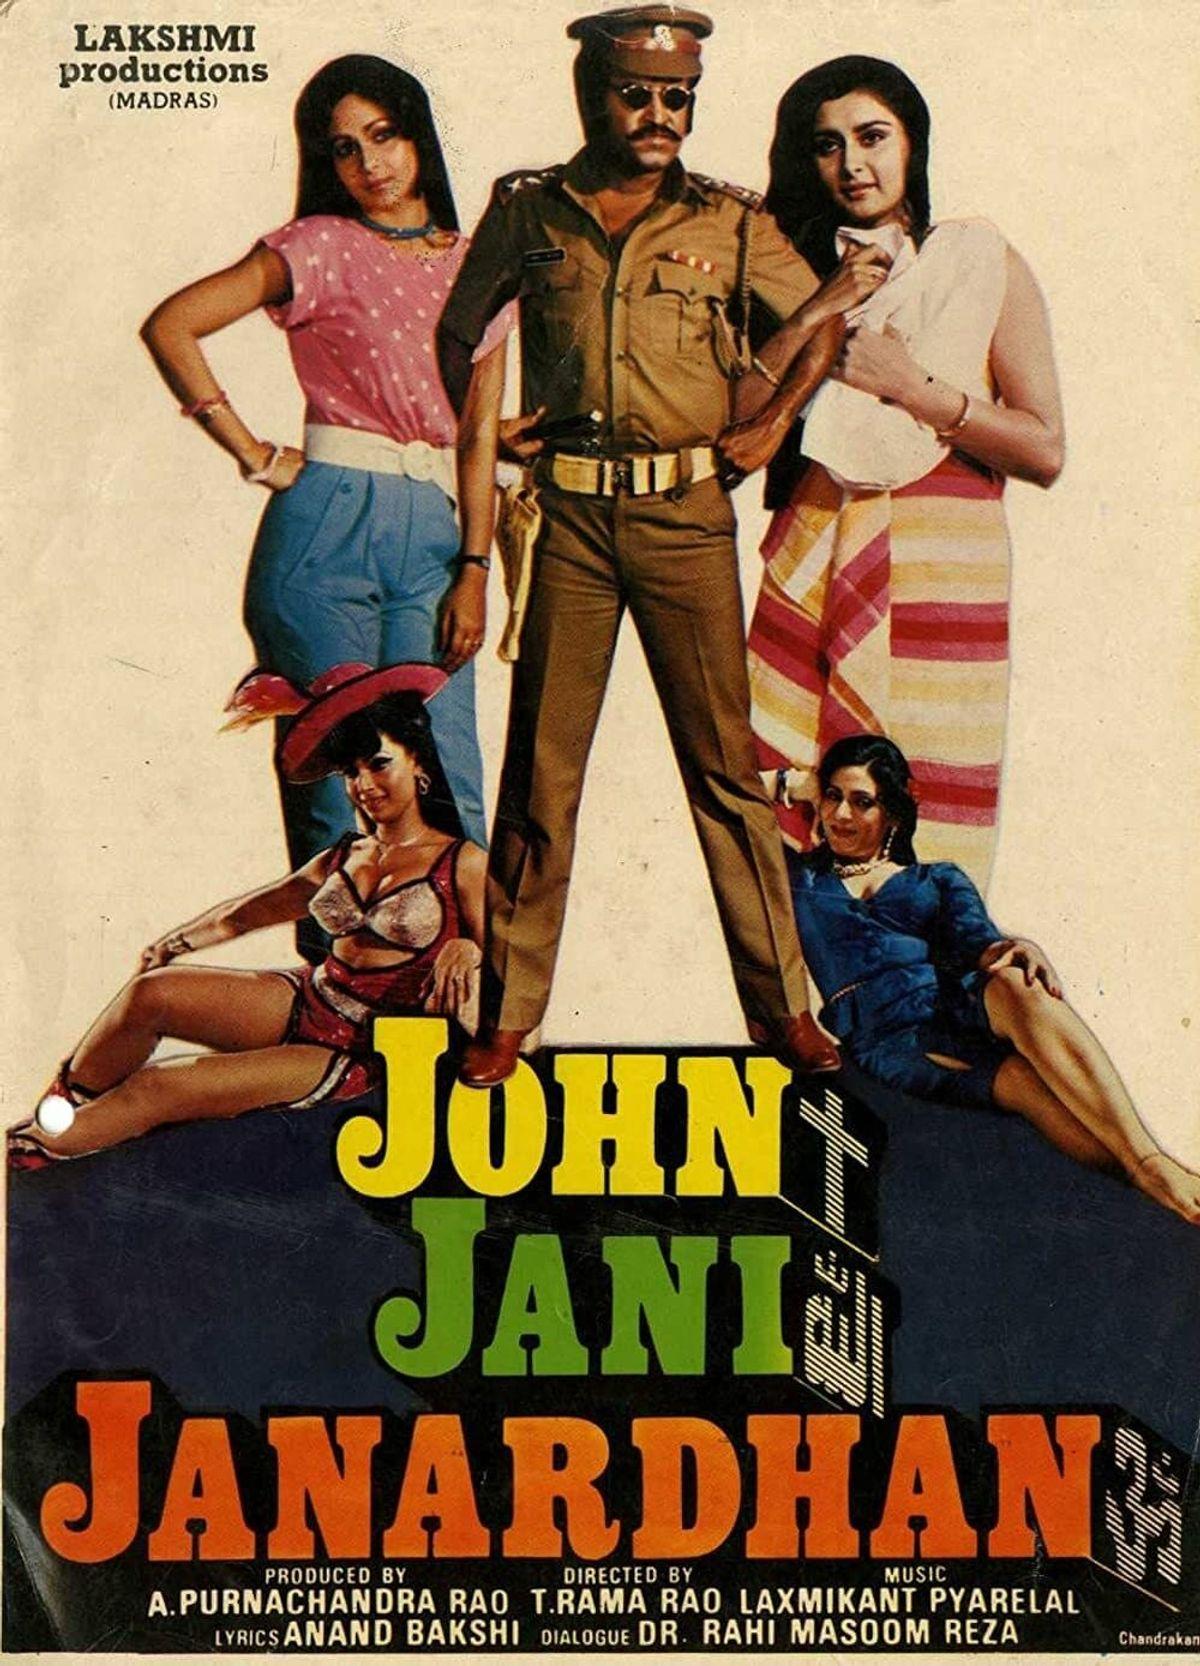 John Jani Janardhan